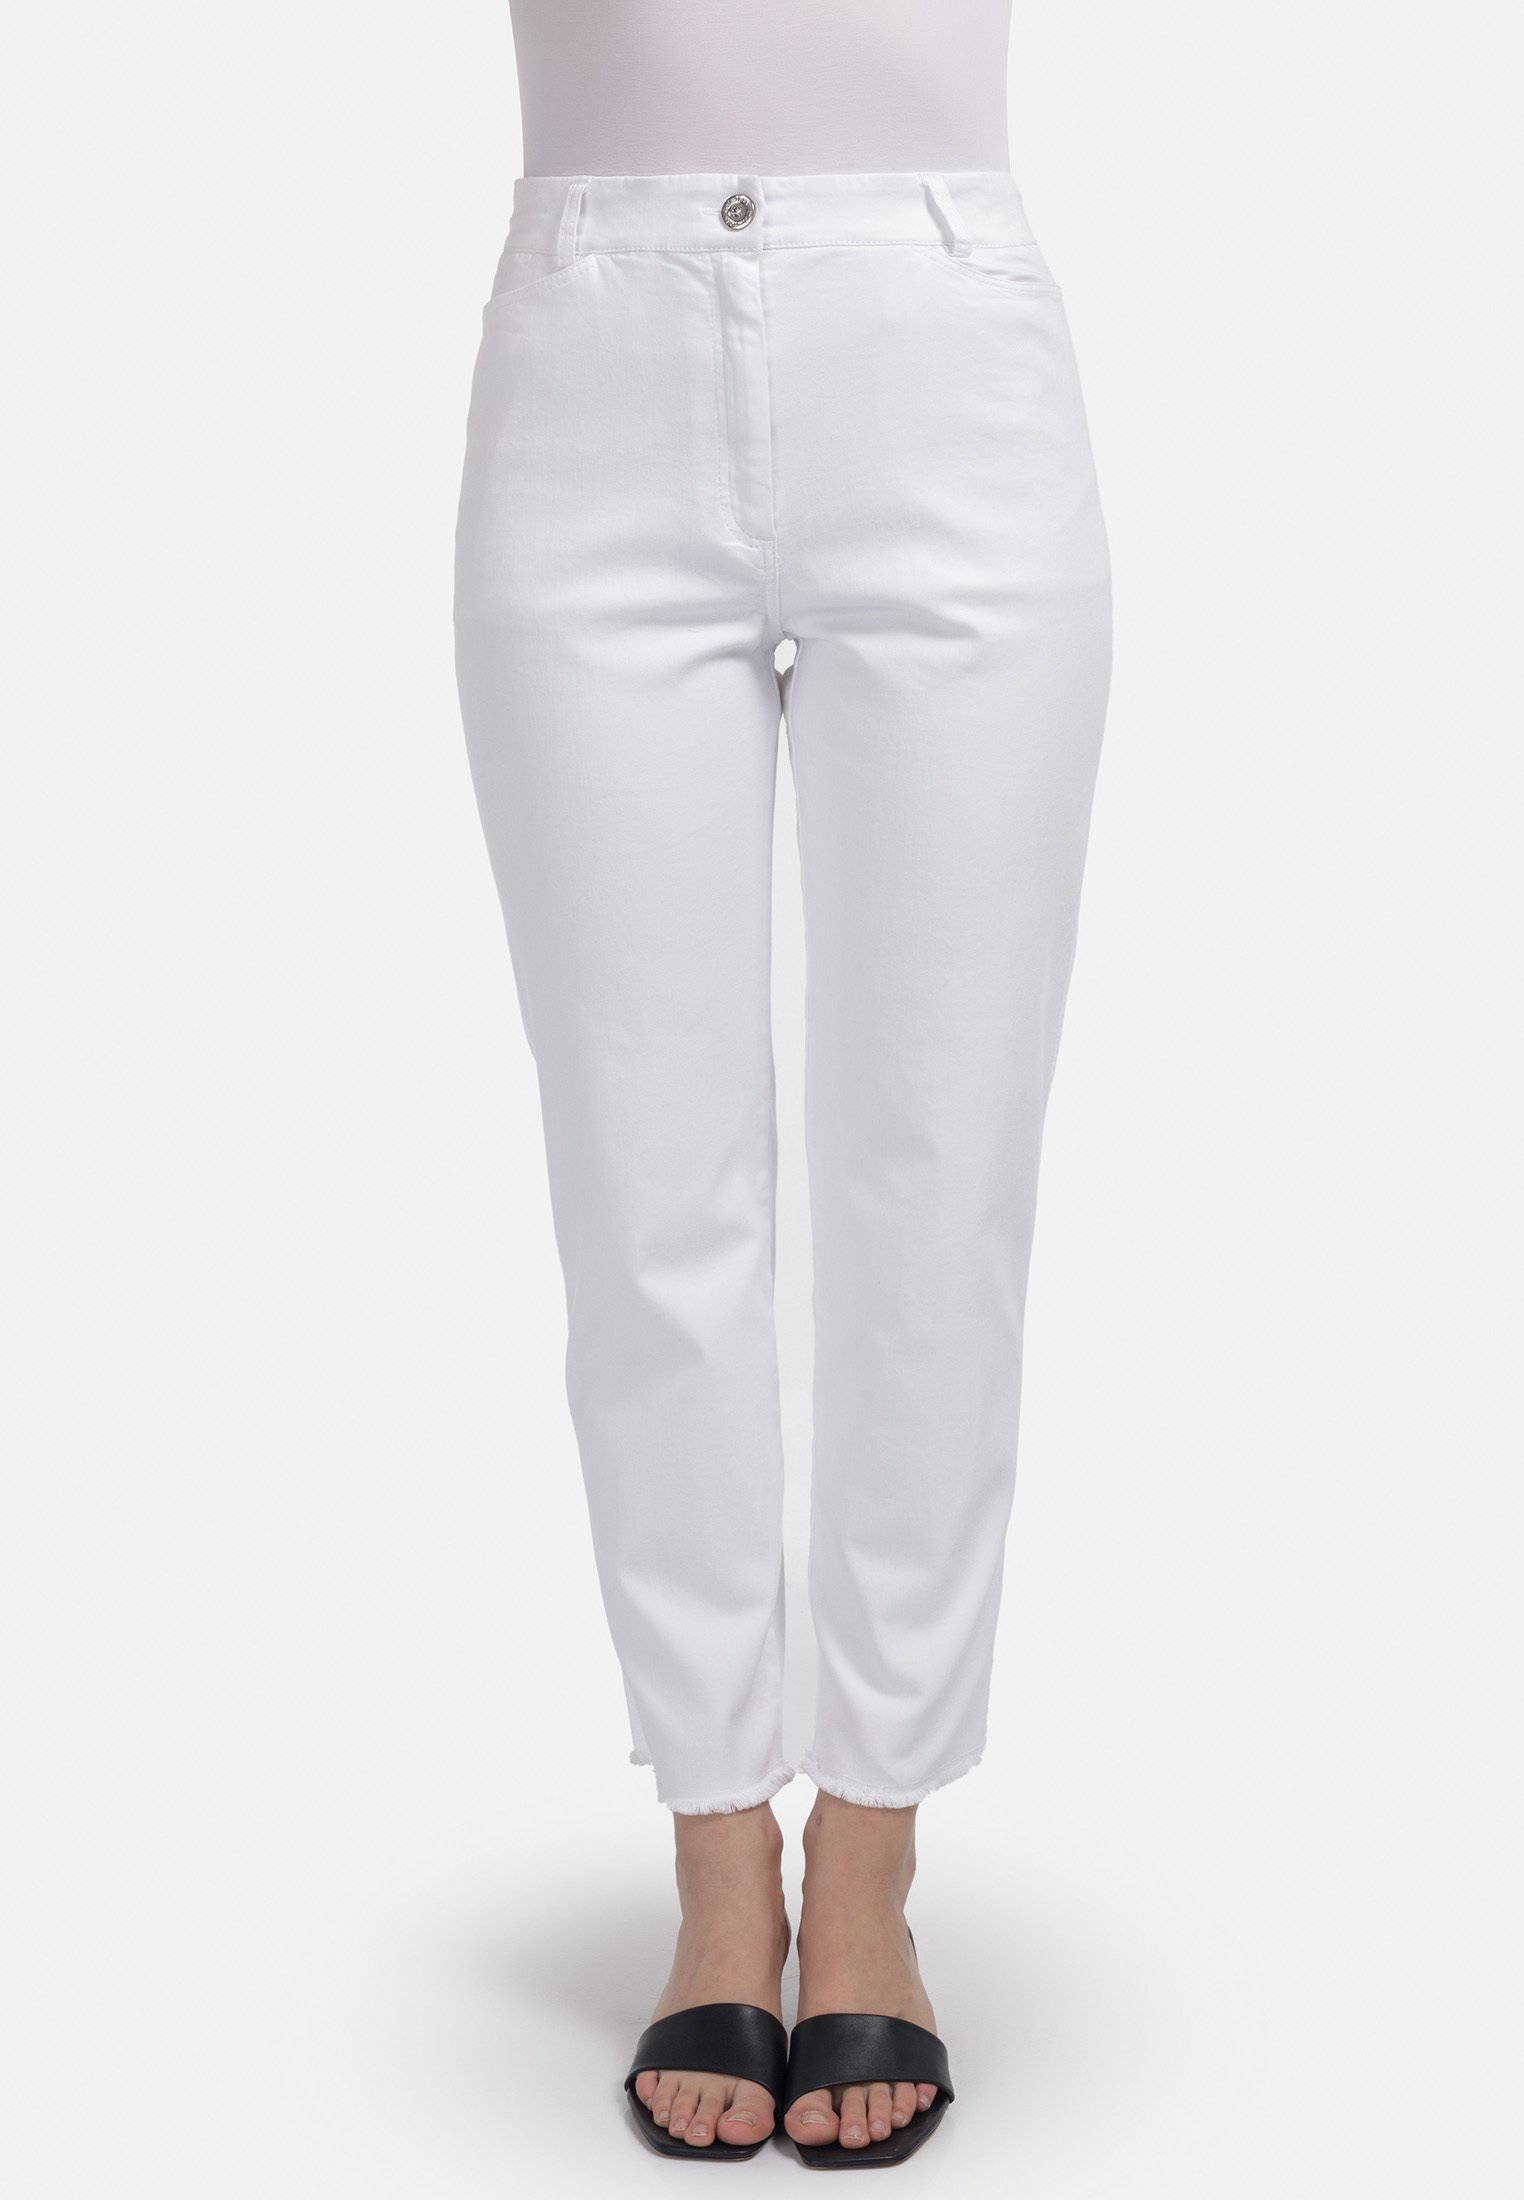 Femme SCHMALEM SCHNITT - Pantalon classique